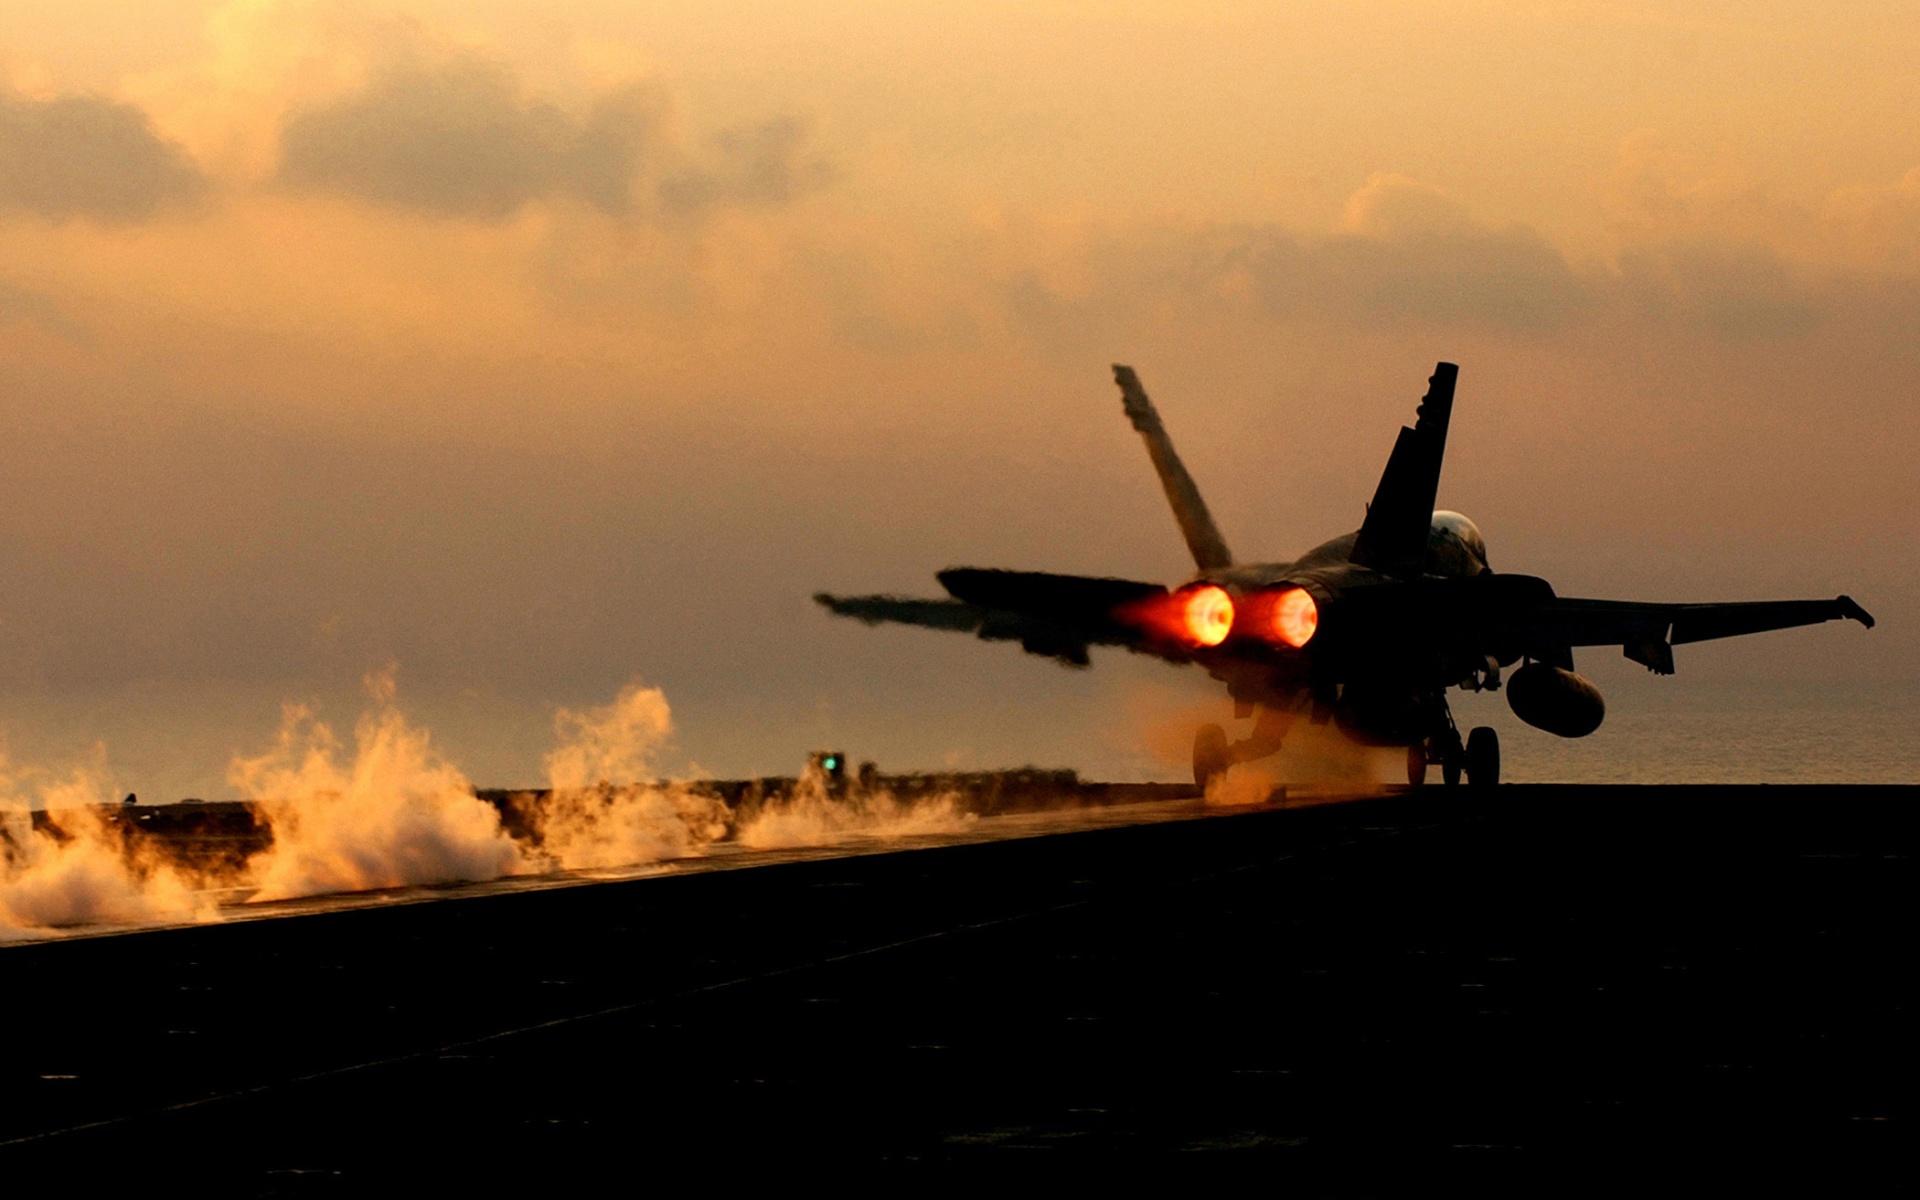 20836_aircraft.jpg